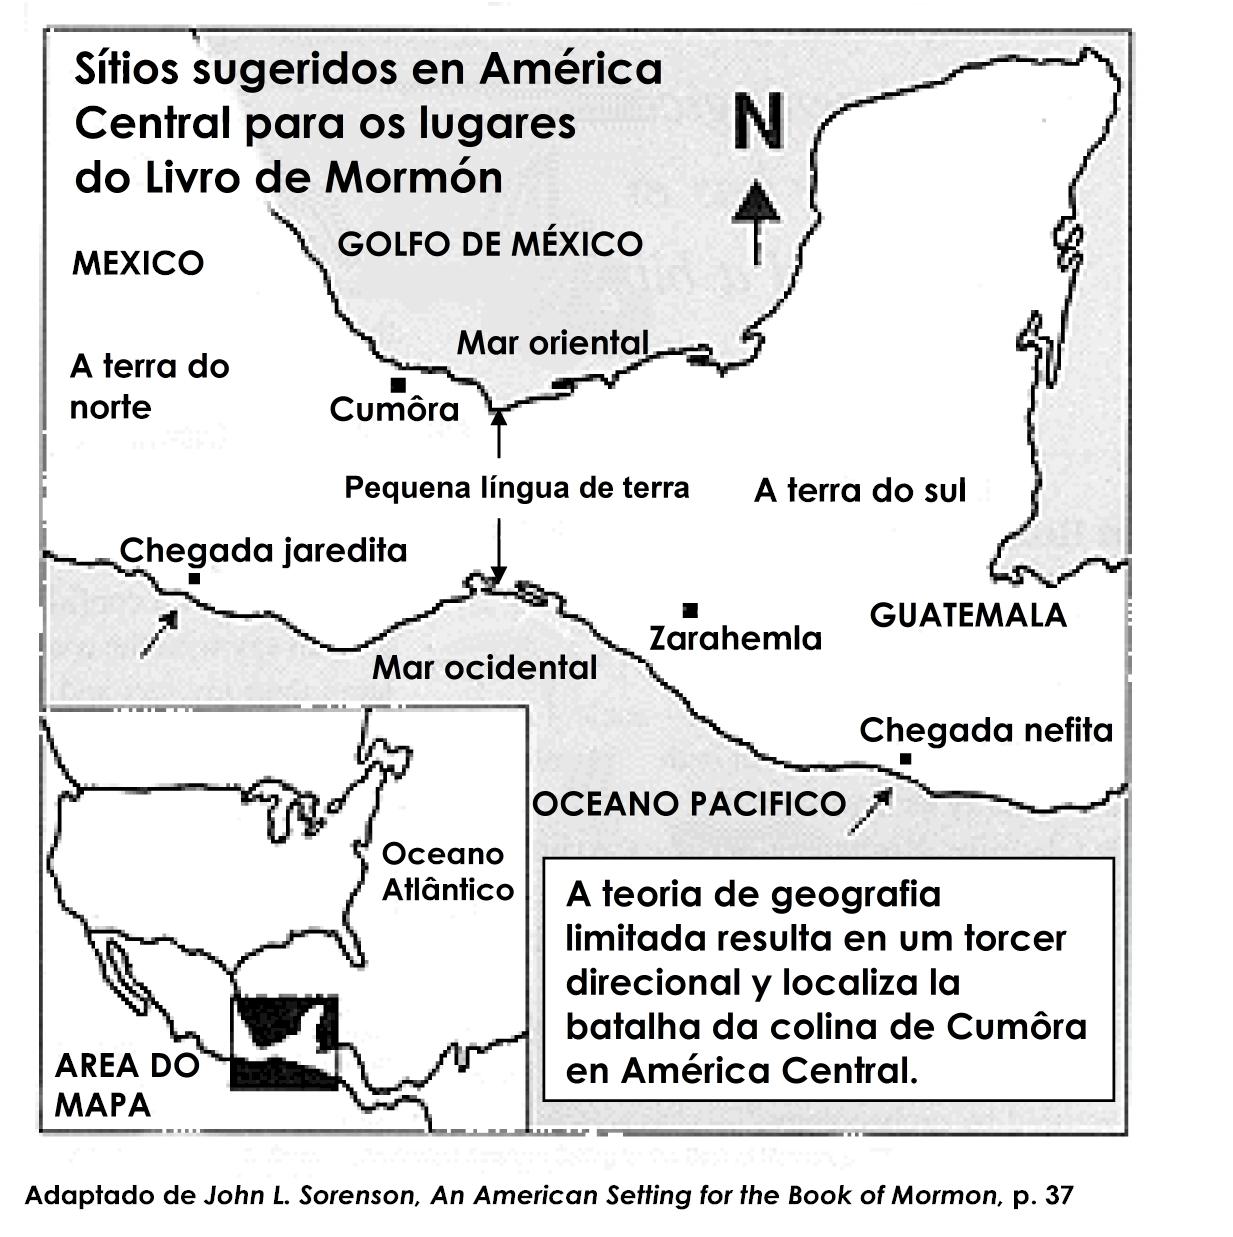 A Teoria de Geografia Limitada